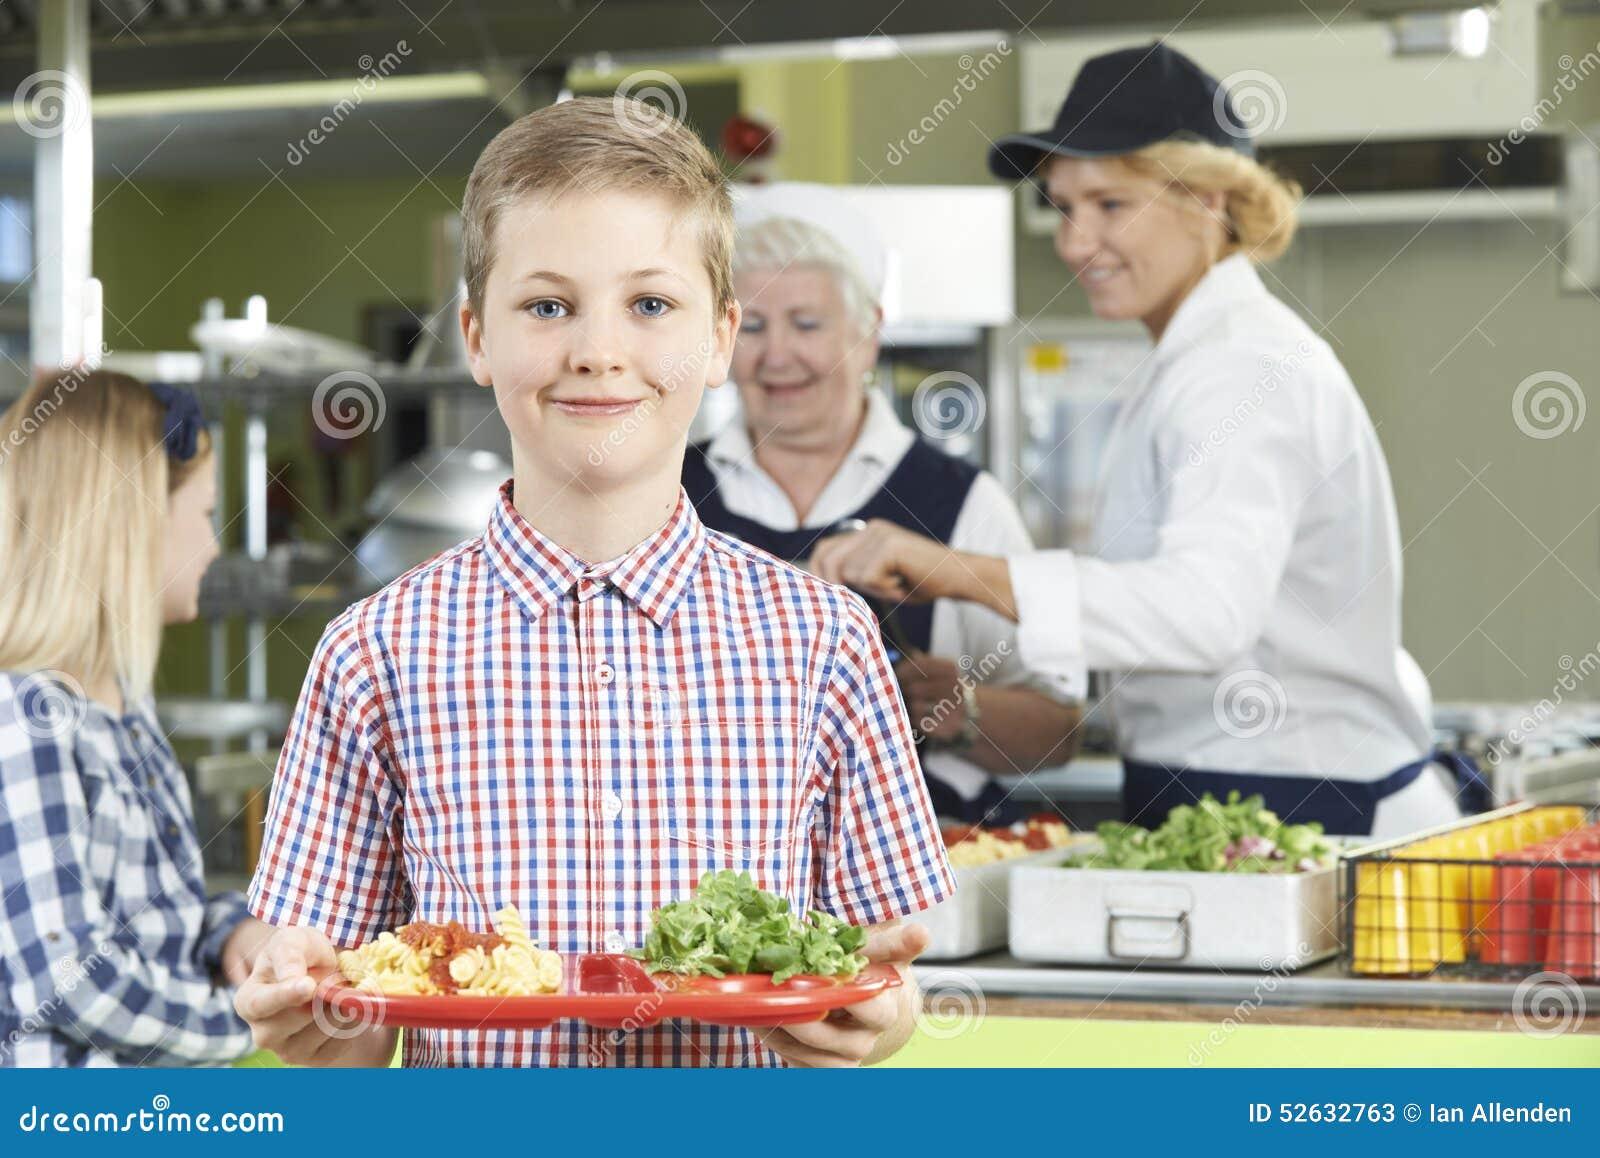 Αρσενικός μαθητής με το υγιές μεσημεριανό γεύμα στη σχολική καφετέρια